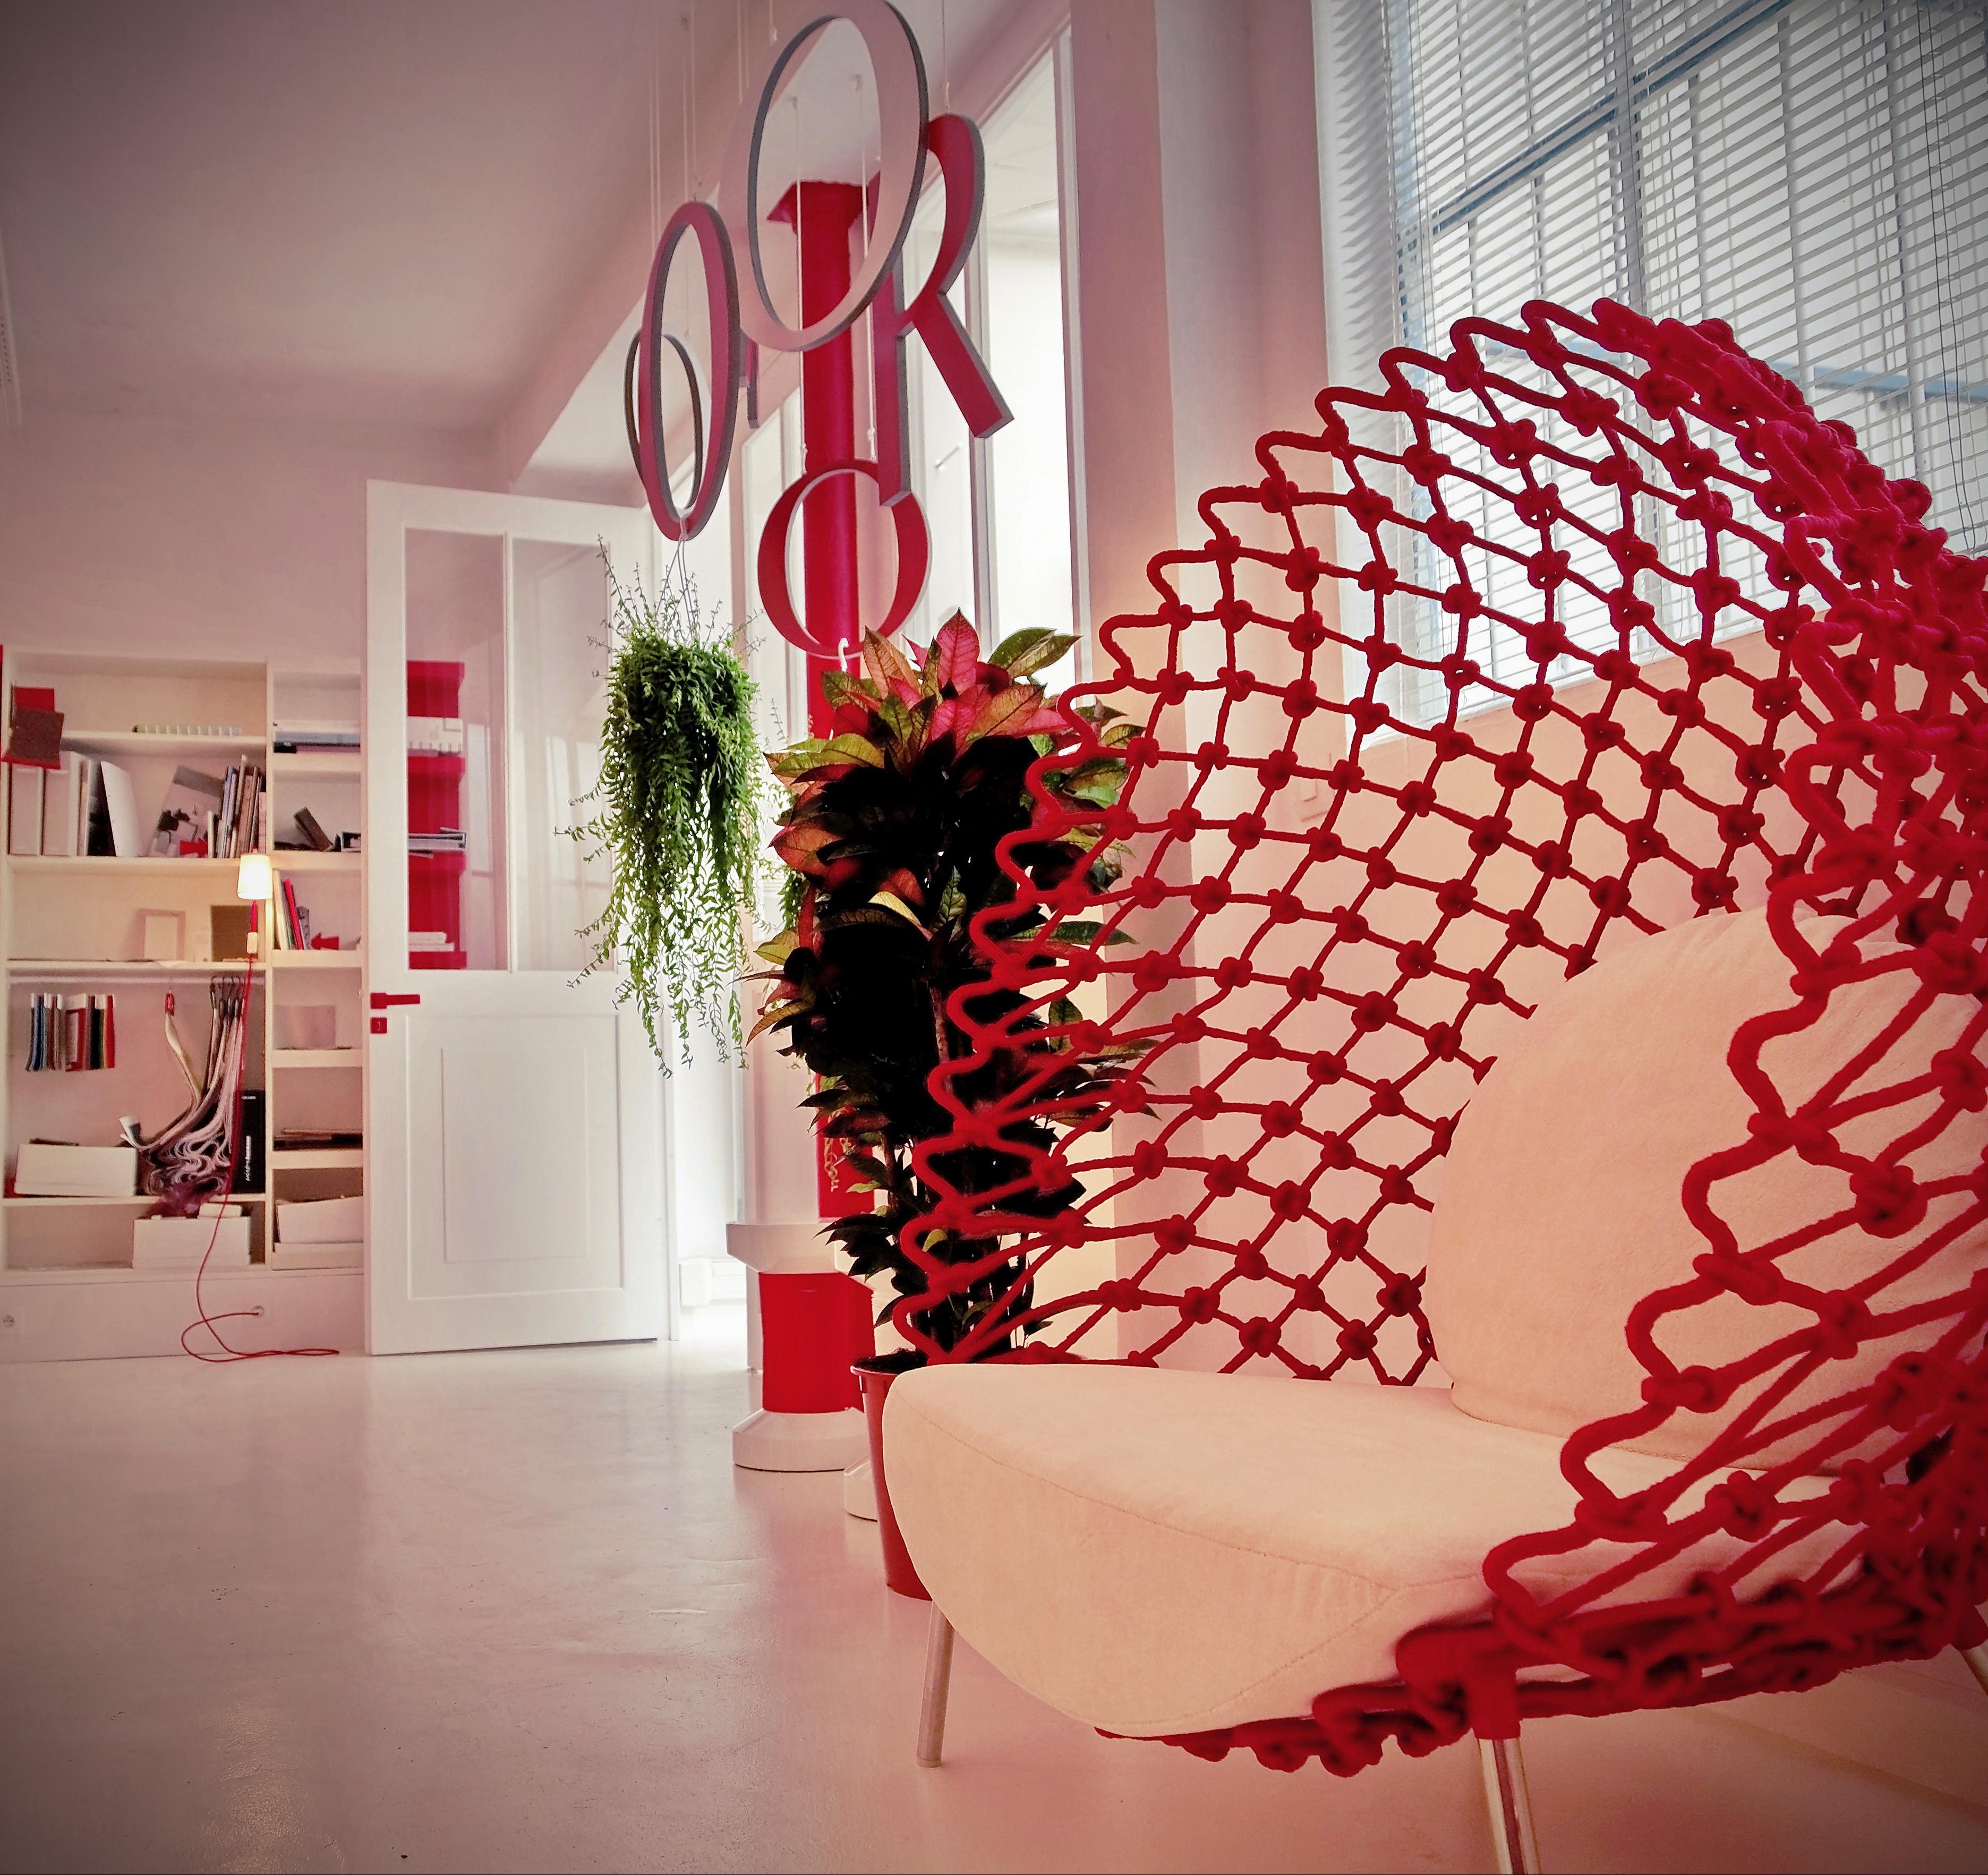 la gen se la crois e des chemins d coration et m ditation spiritopus le blog. Black Bedroom Furniture Sets. Home Design Ideas